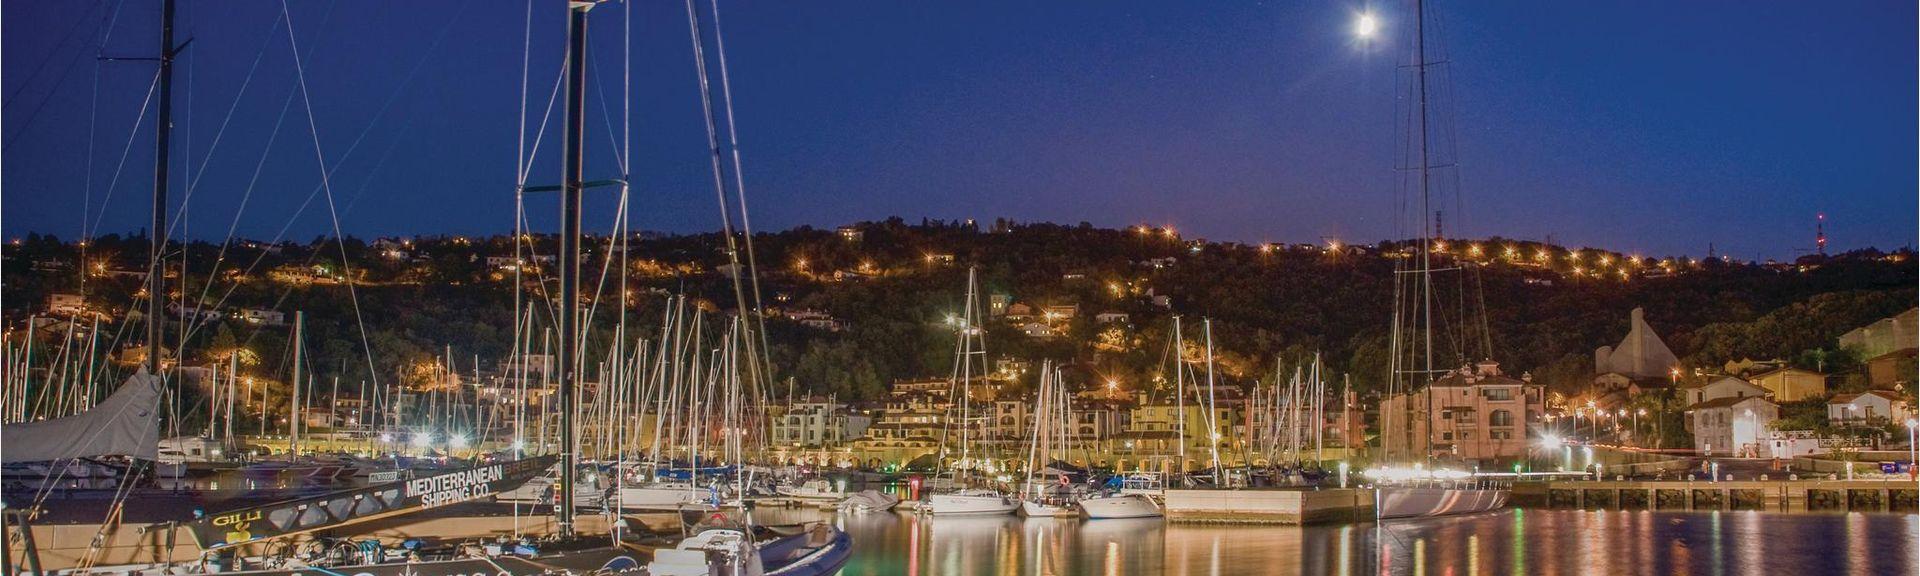 PalaTrieste, Trieste, Italy